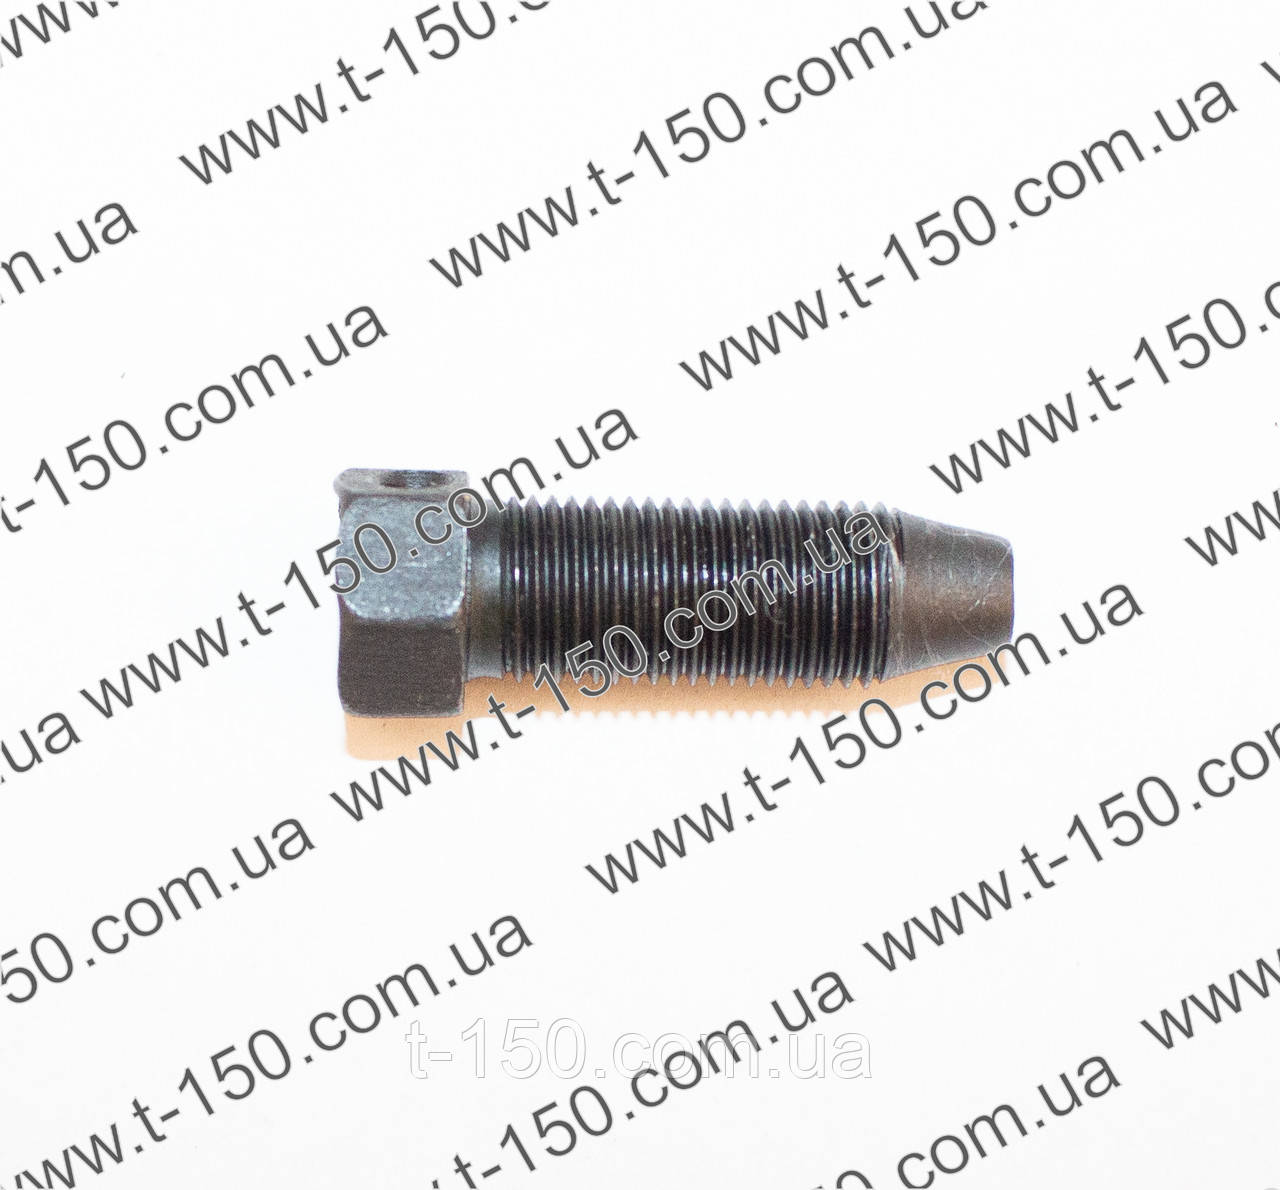 Болт стопорный Т-150 (125.37.299)